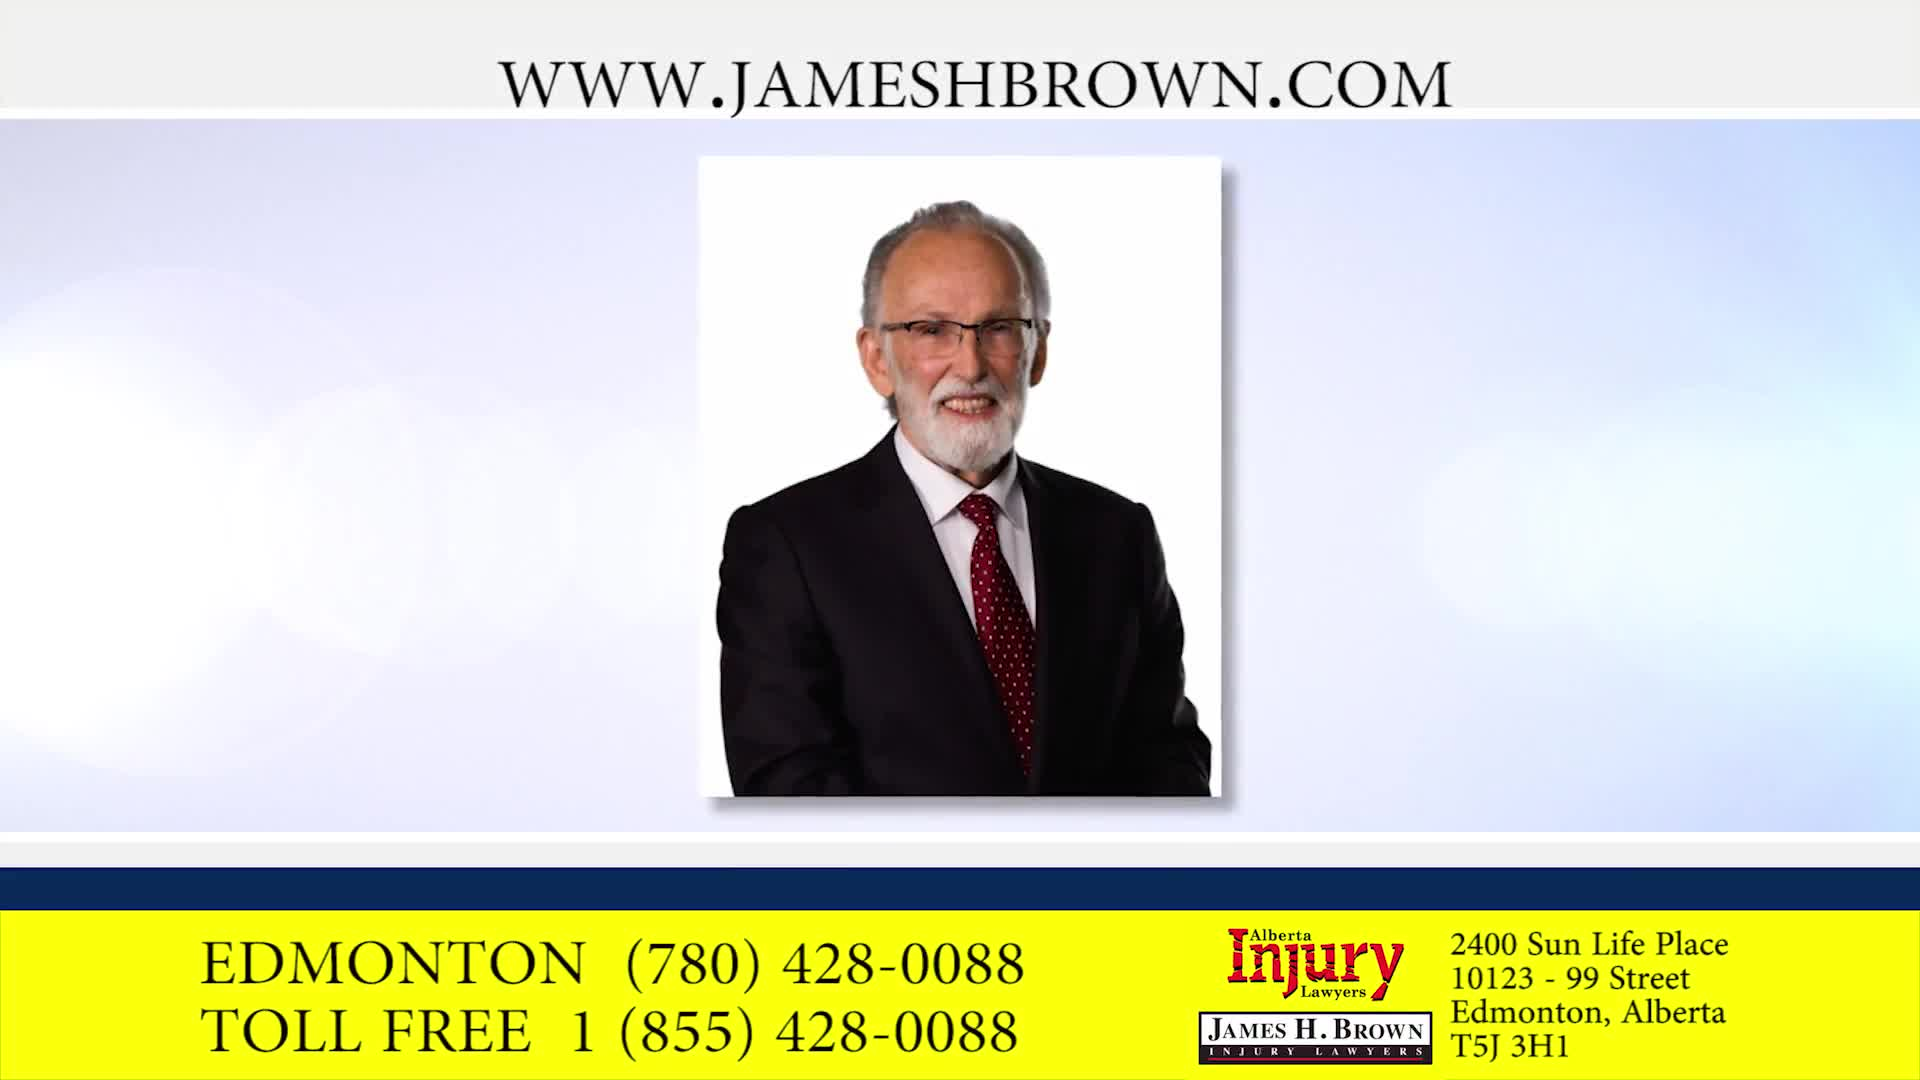 Alberta Injury Lawyers - Personal Injury Lawyers - 587-400-6783